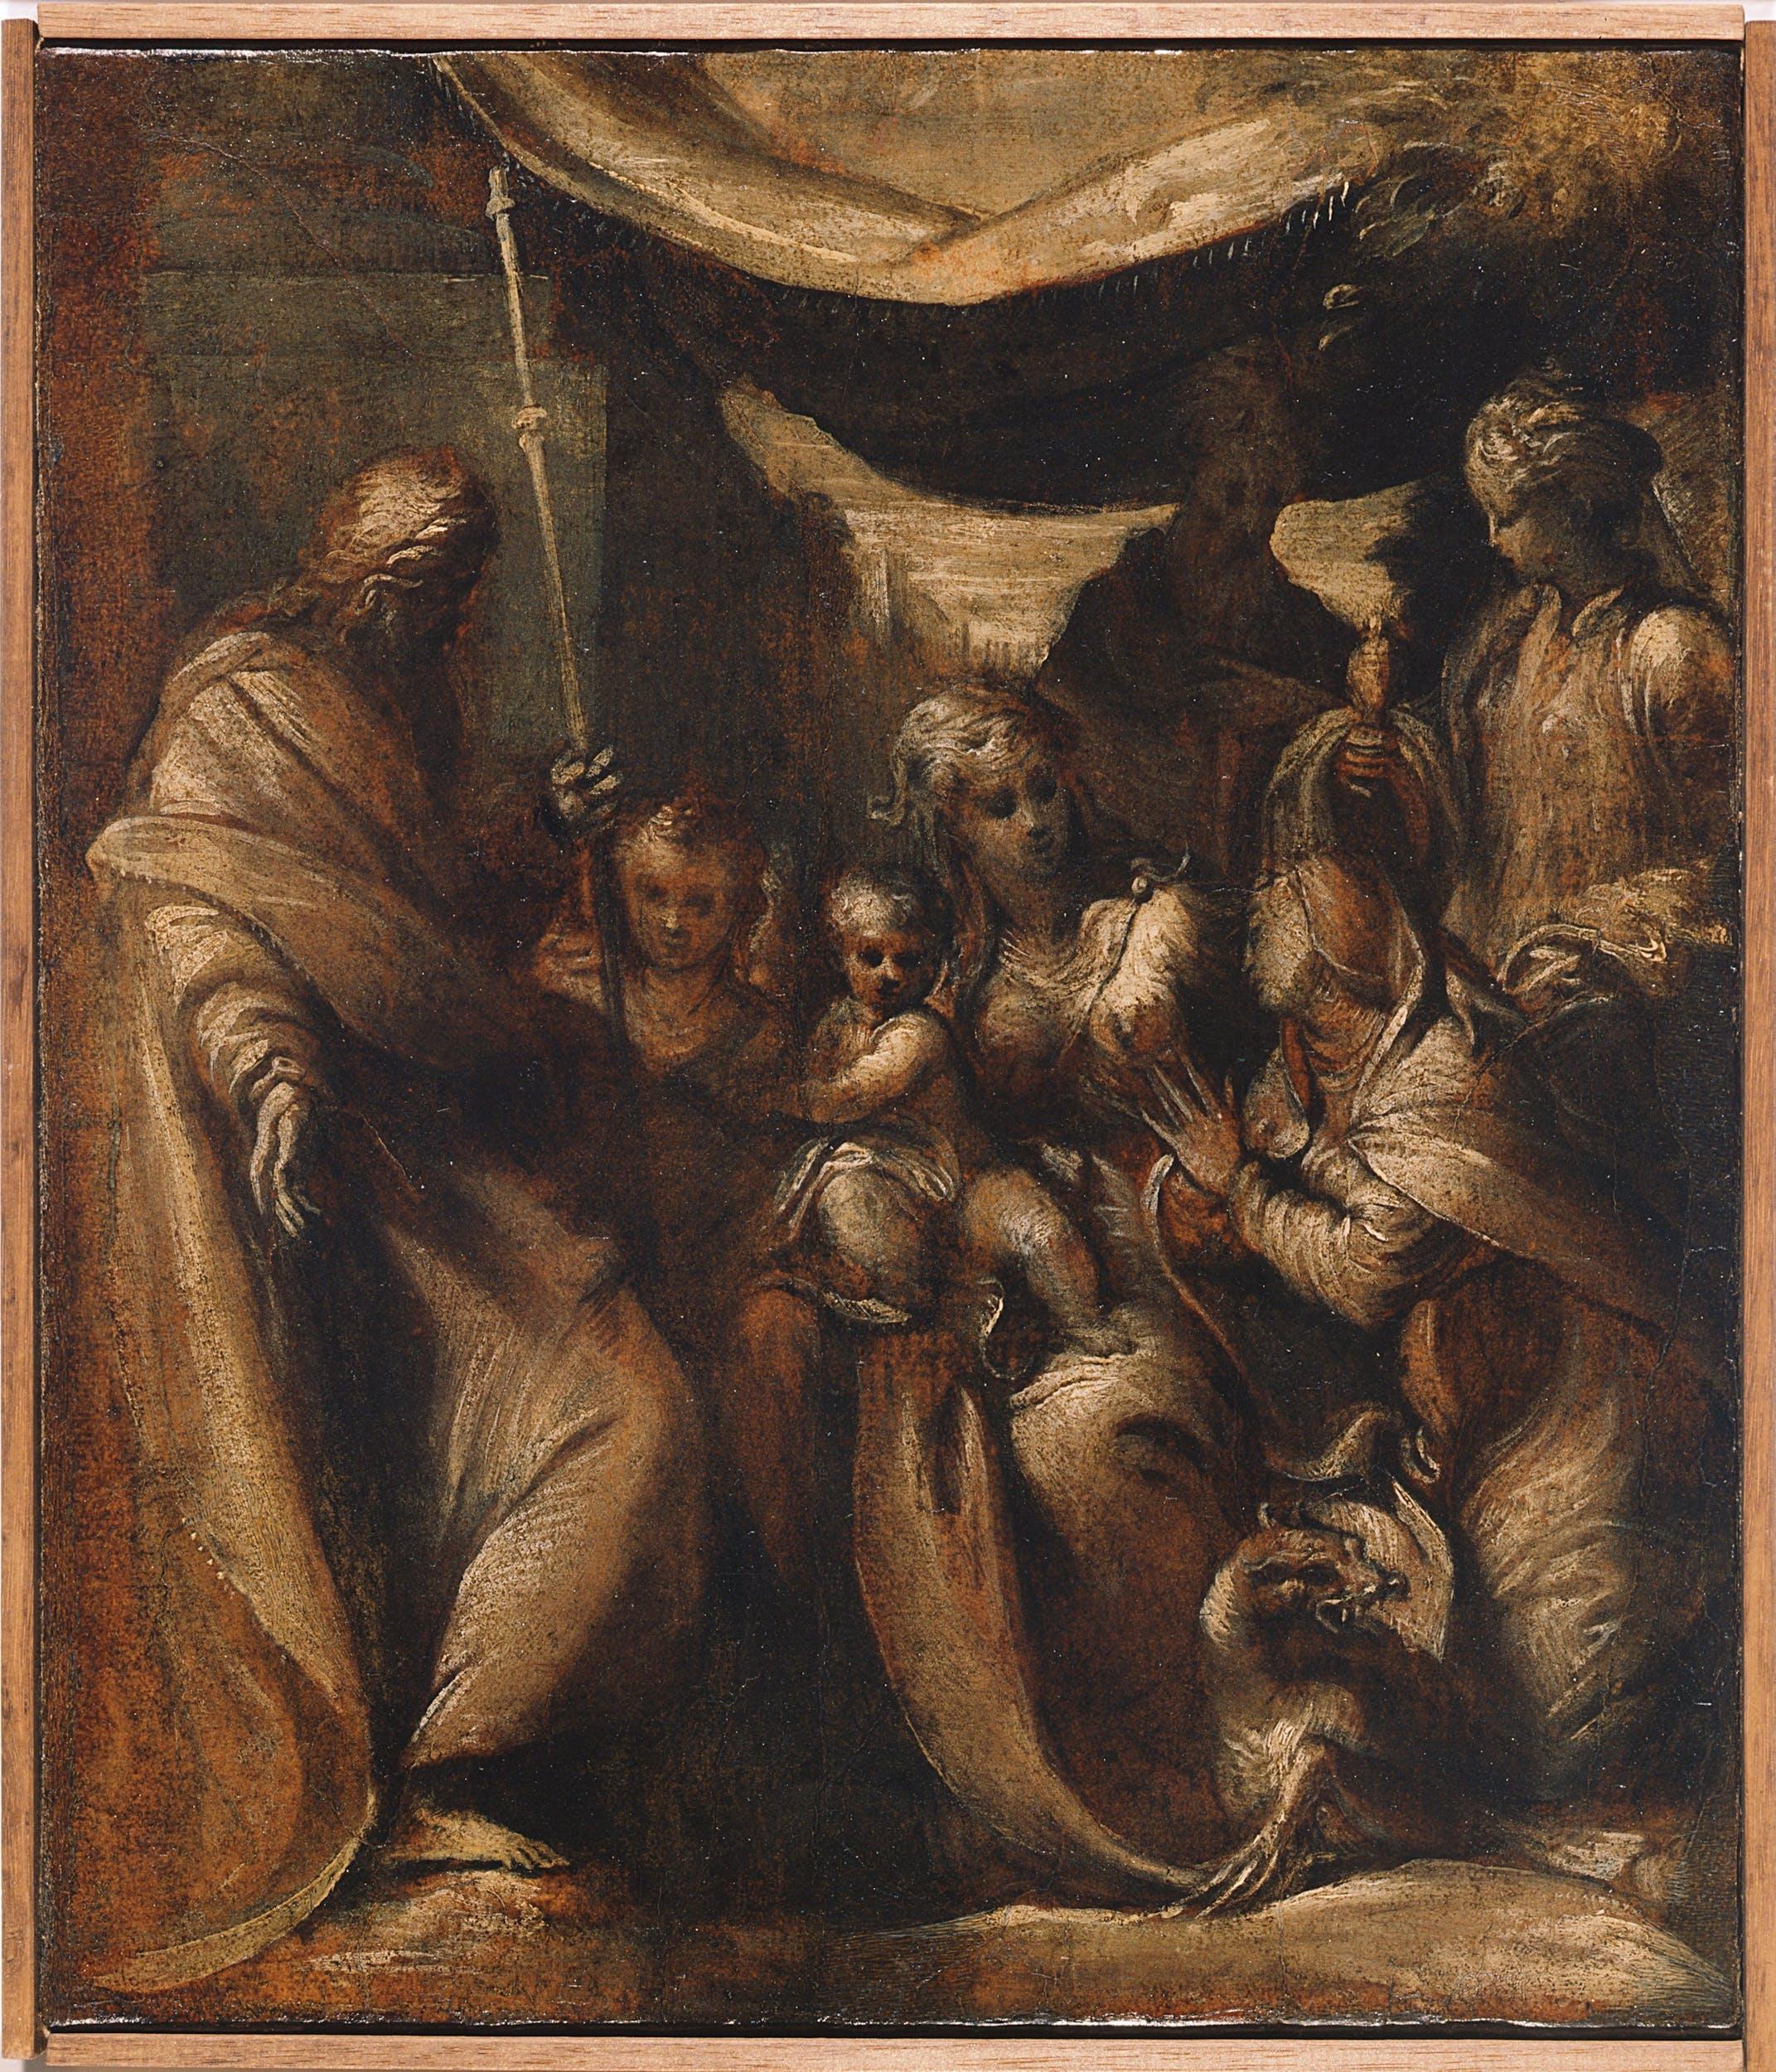 Camillo Boccaccino, bozzetto per la pala di Santa marta, Uffizi, Gabinetto dei disegni e delle stampe